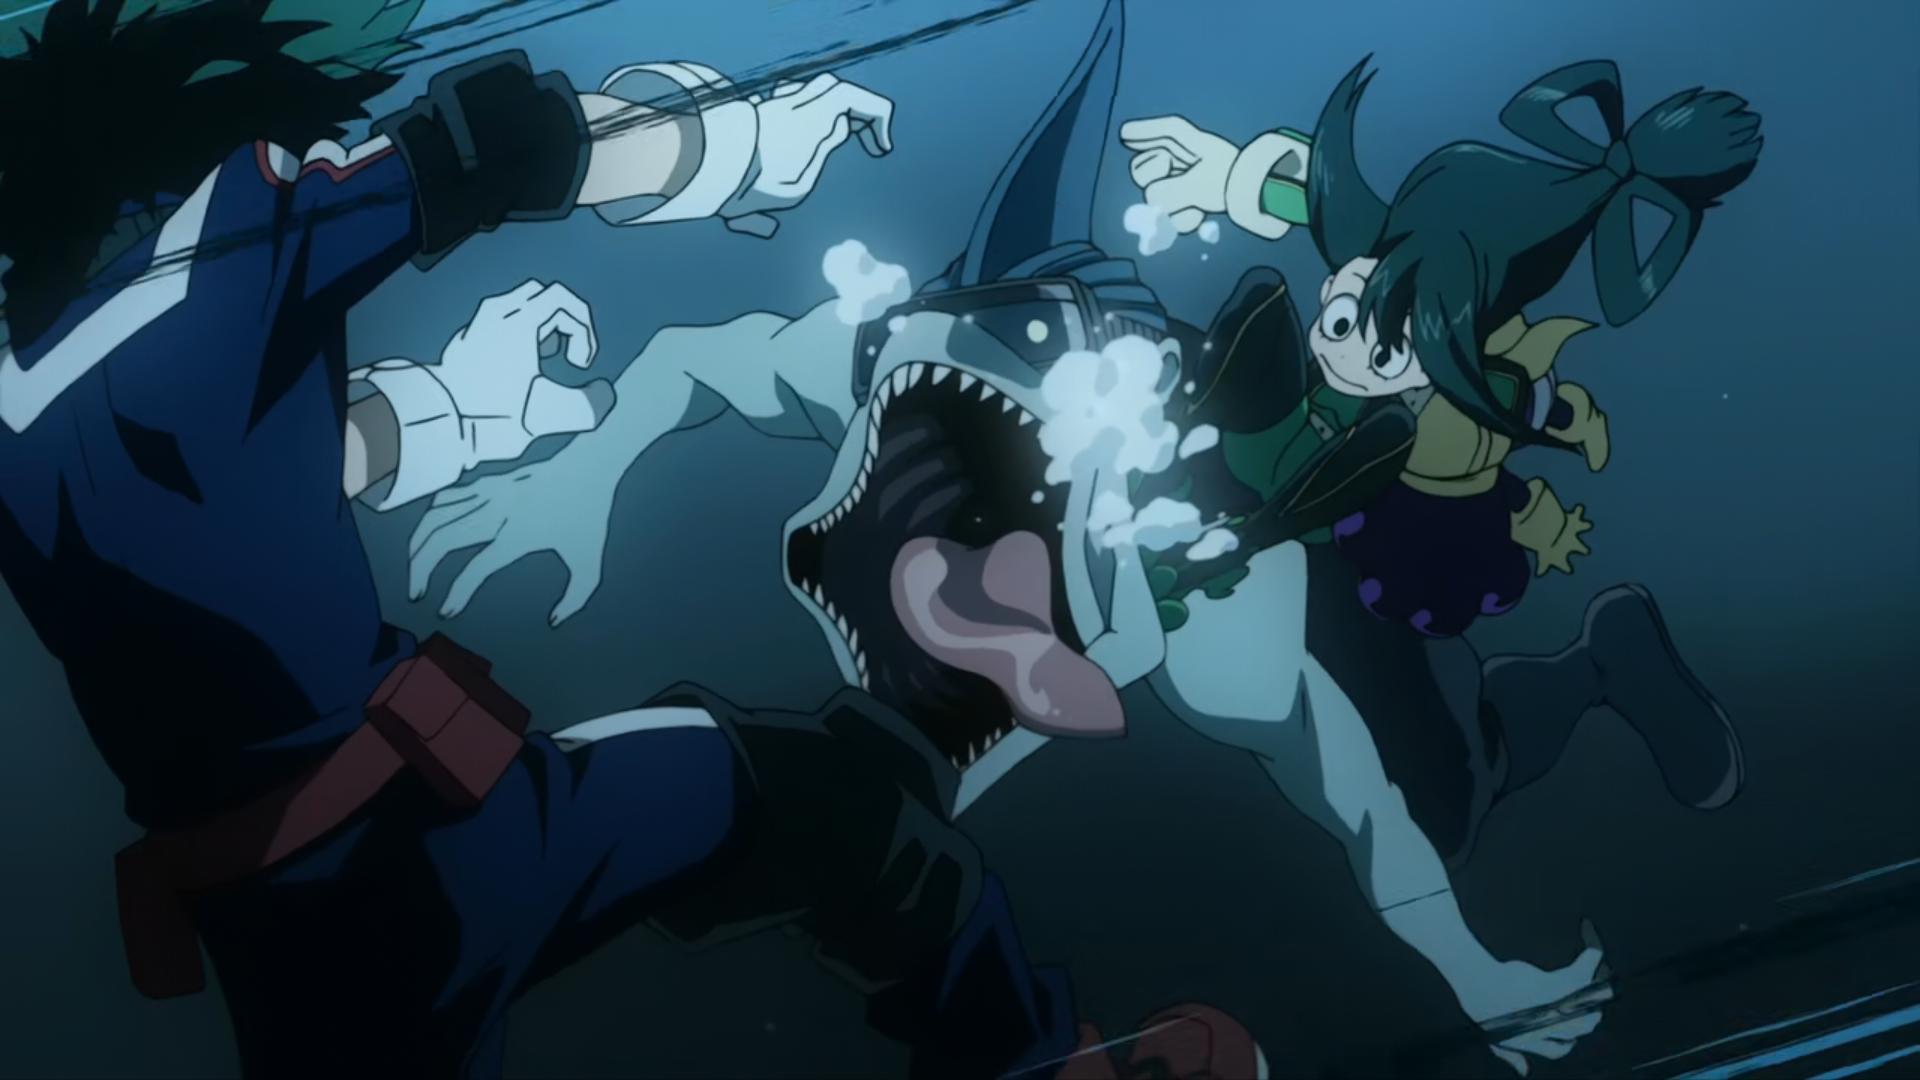 Izuku Midoriya, Tsuyu Asui & Minoru Mineta vs. Villains